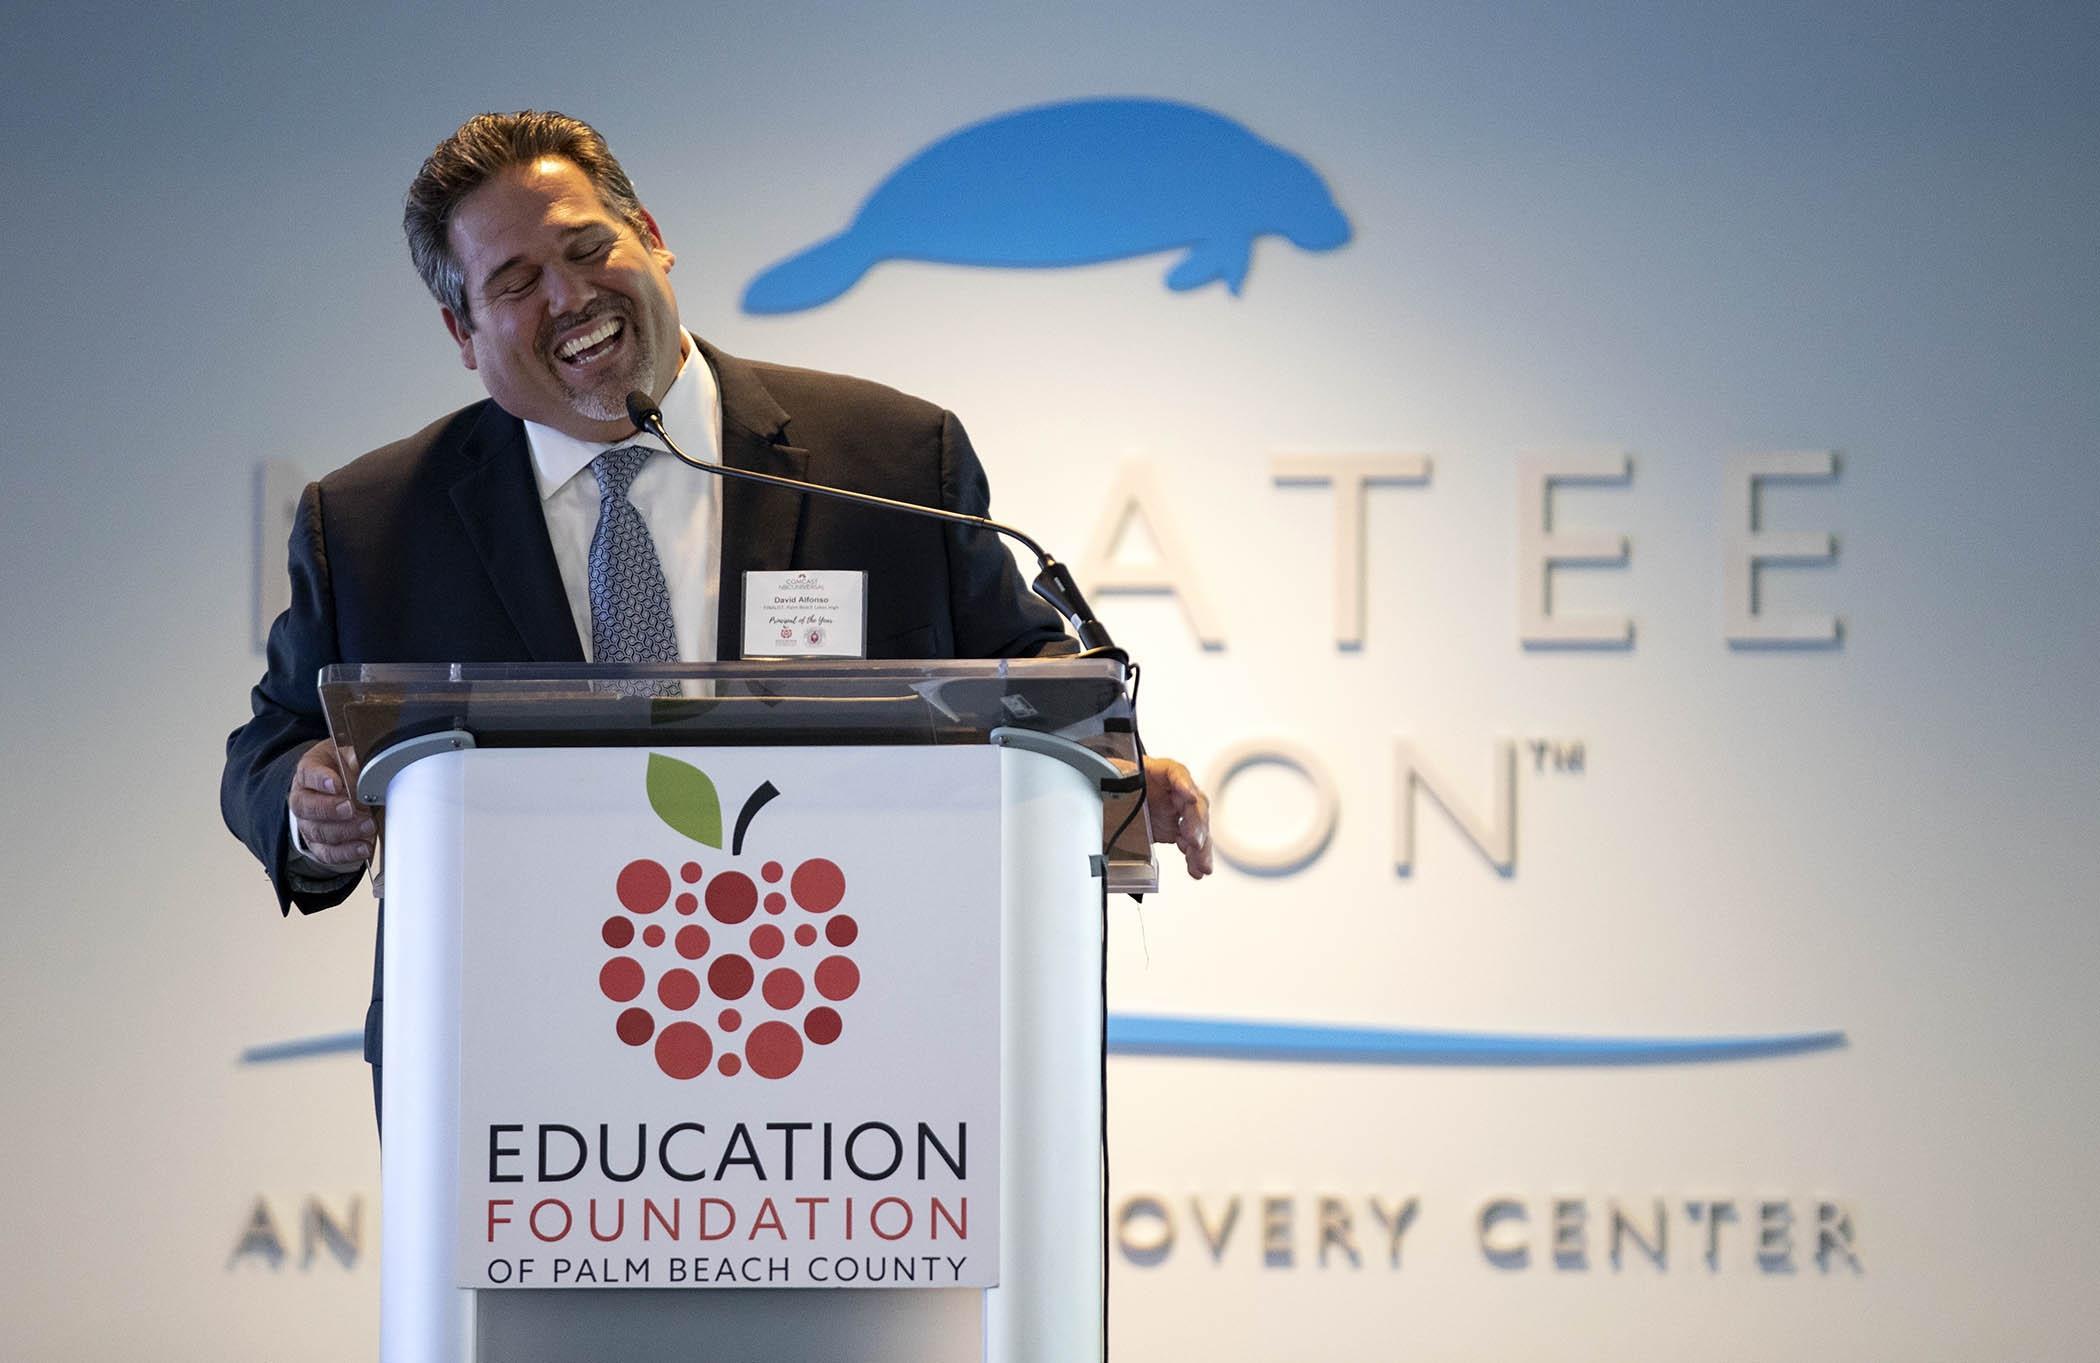 Principal David Alfonso